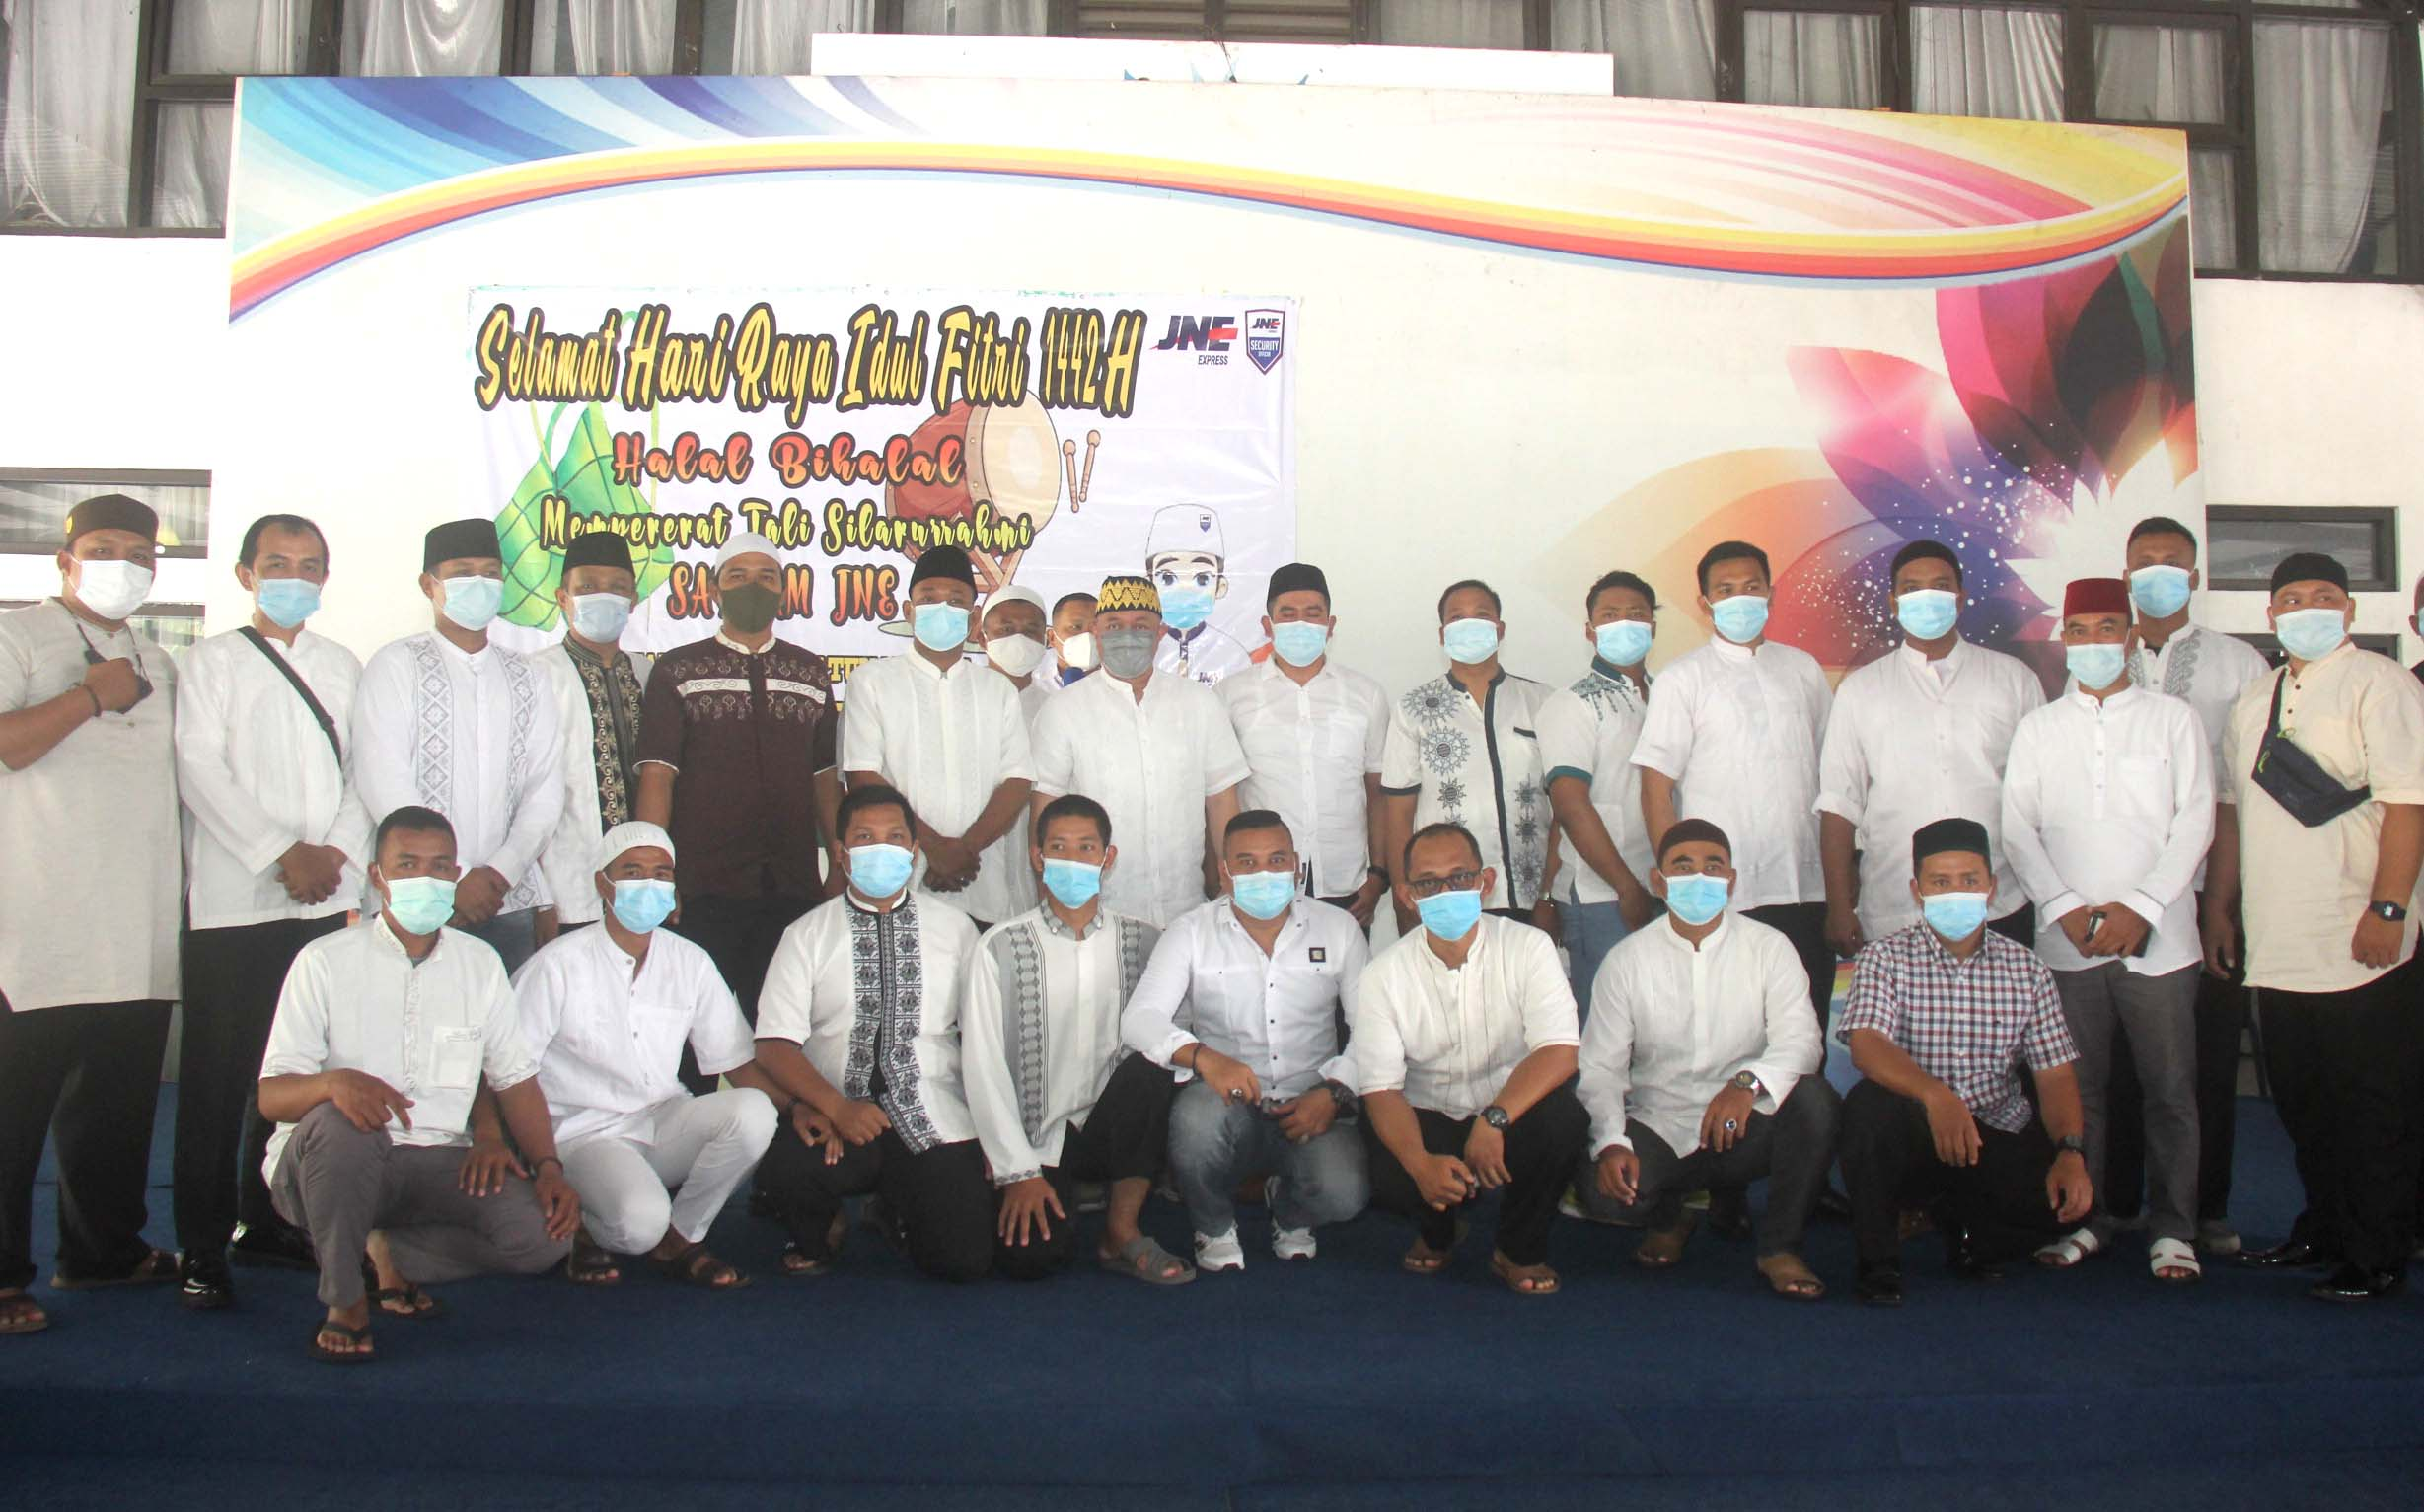 Sebanyak 60 petugas satpam JNE hadir dalam acara halal bi halal